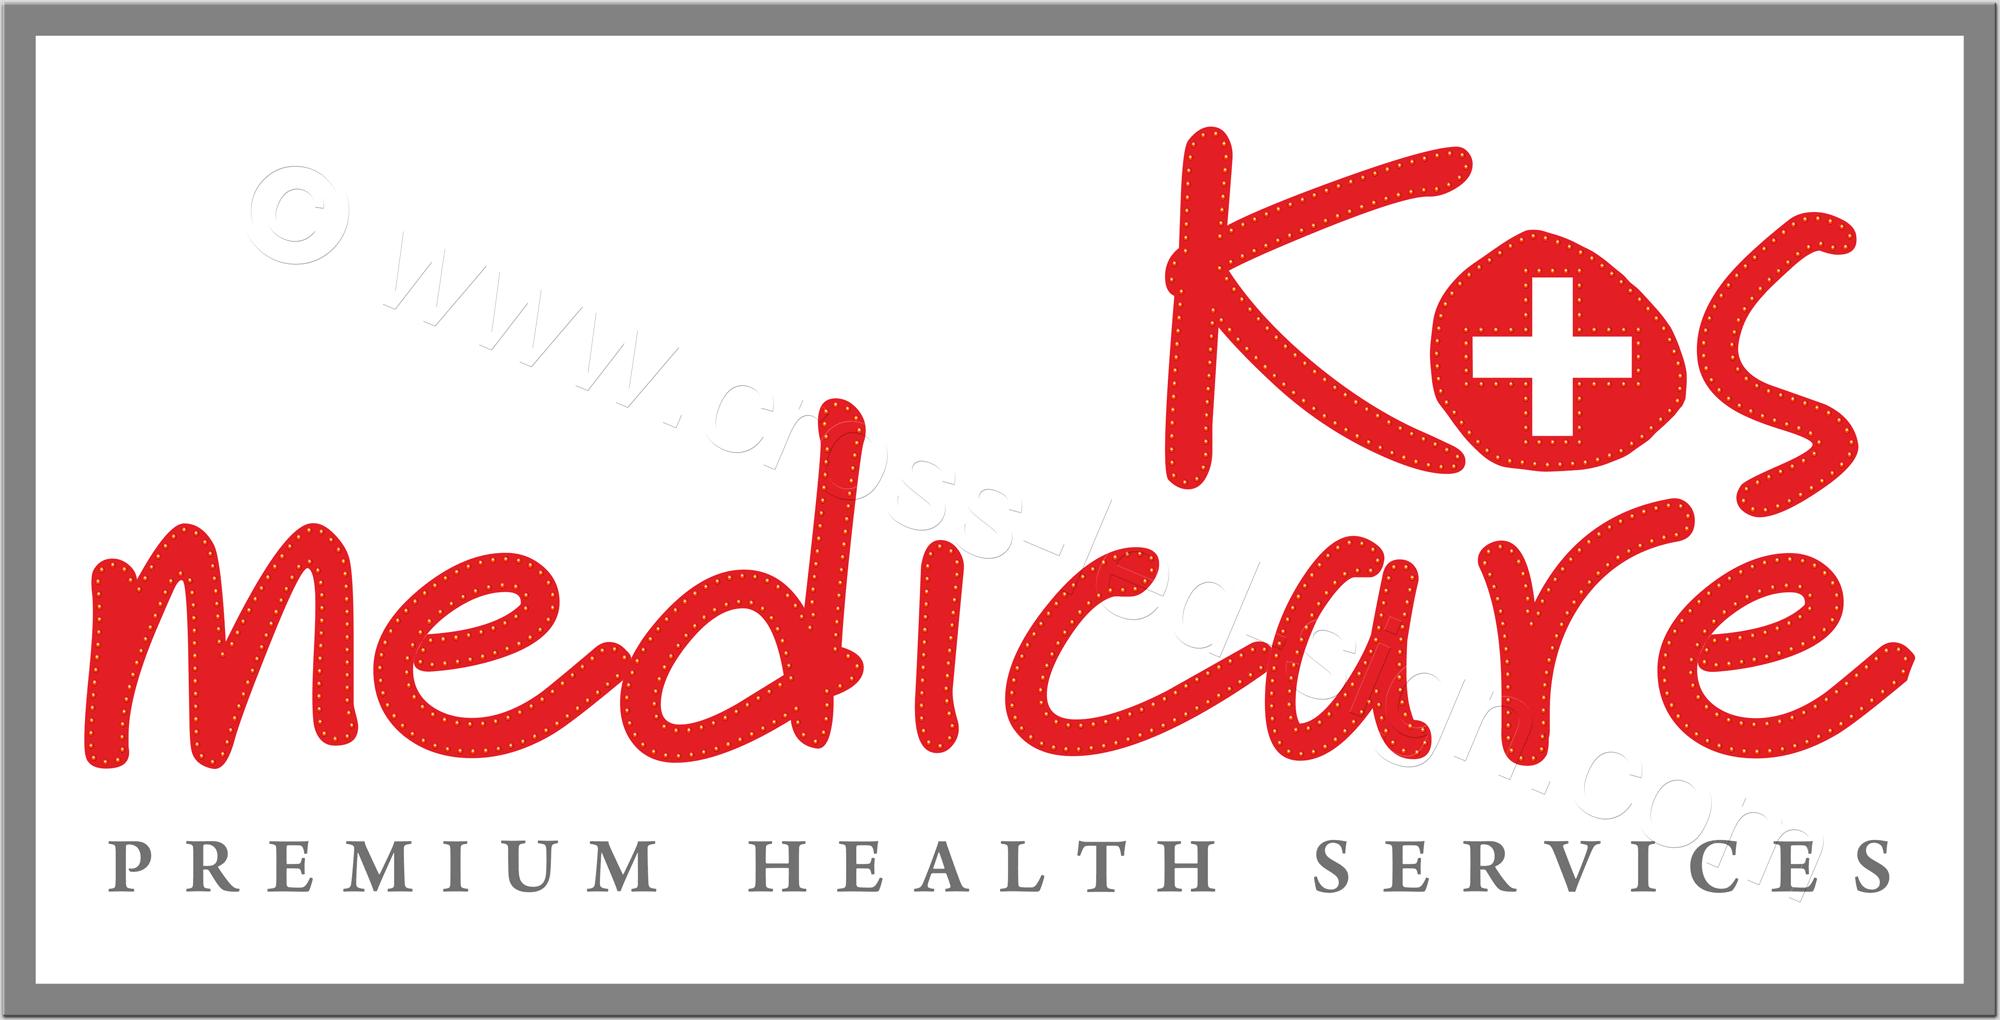 Επιγραφή led για ιατρικό κέντρο.